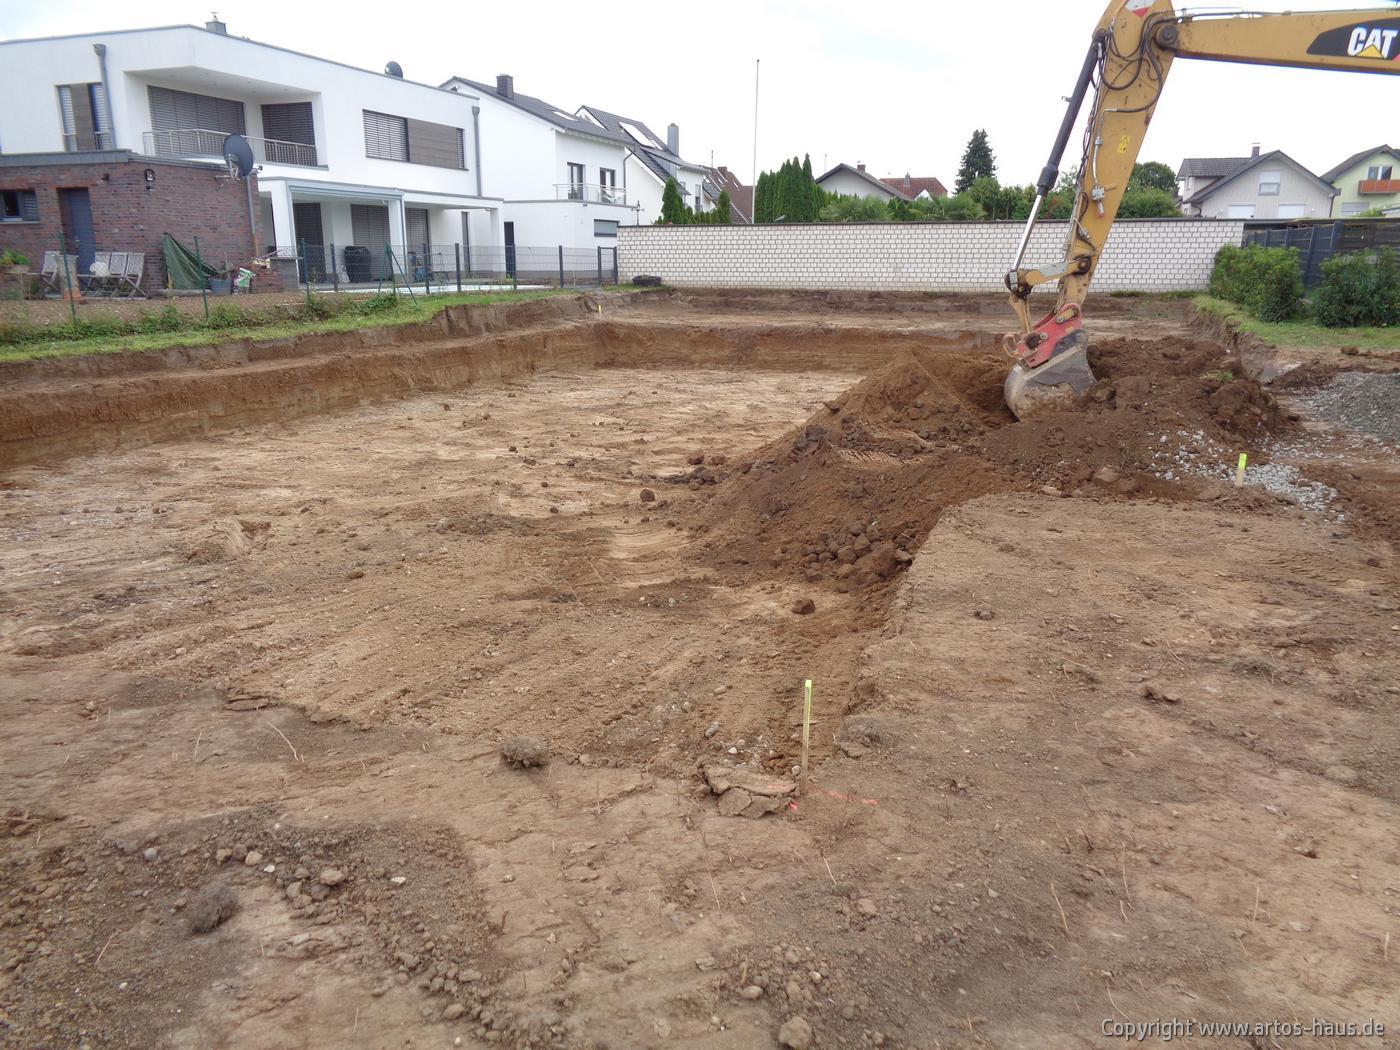 Erdarbeiten beim BV in Niederkassel, August 2021. ARTOS-HAUS Planen & Bauen Bild 1